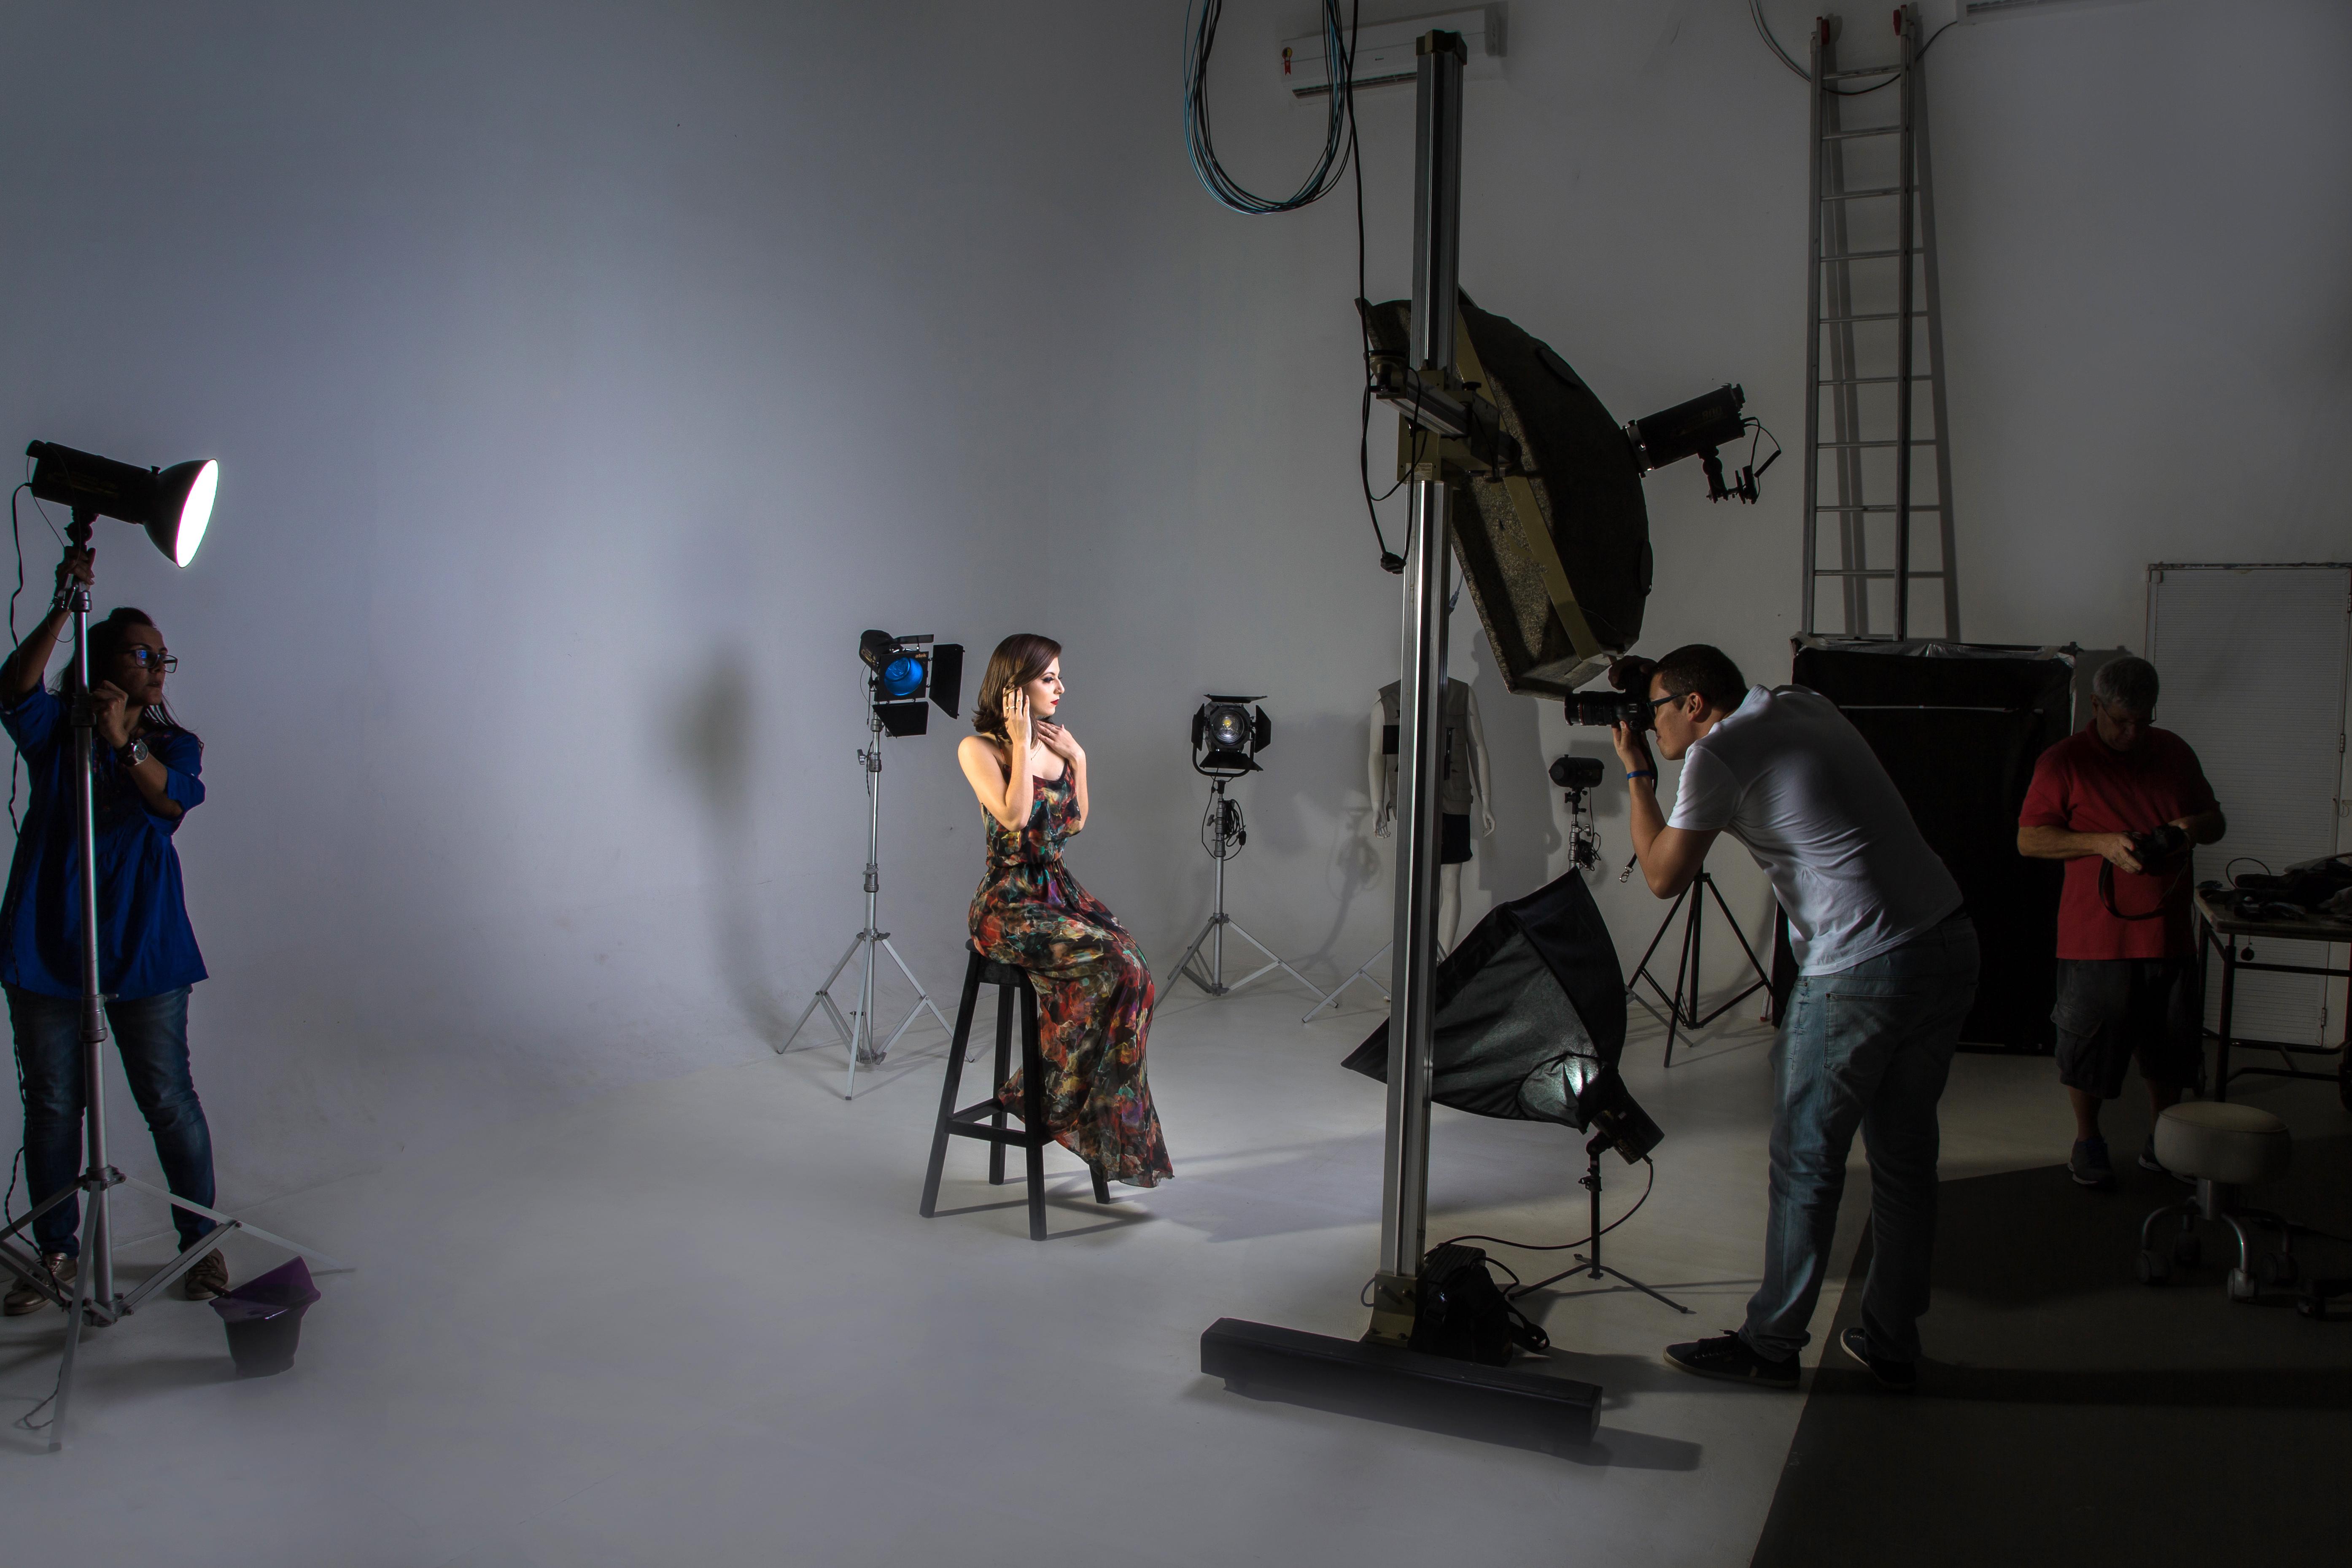 Sobre Eduardo Zavarize - Retratista, Fotógrafo de Negócios em Rio de Janeiro